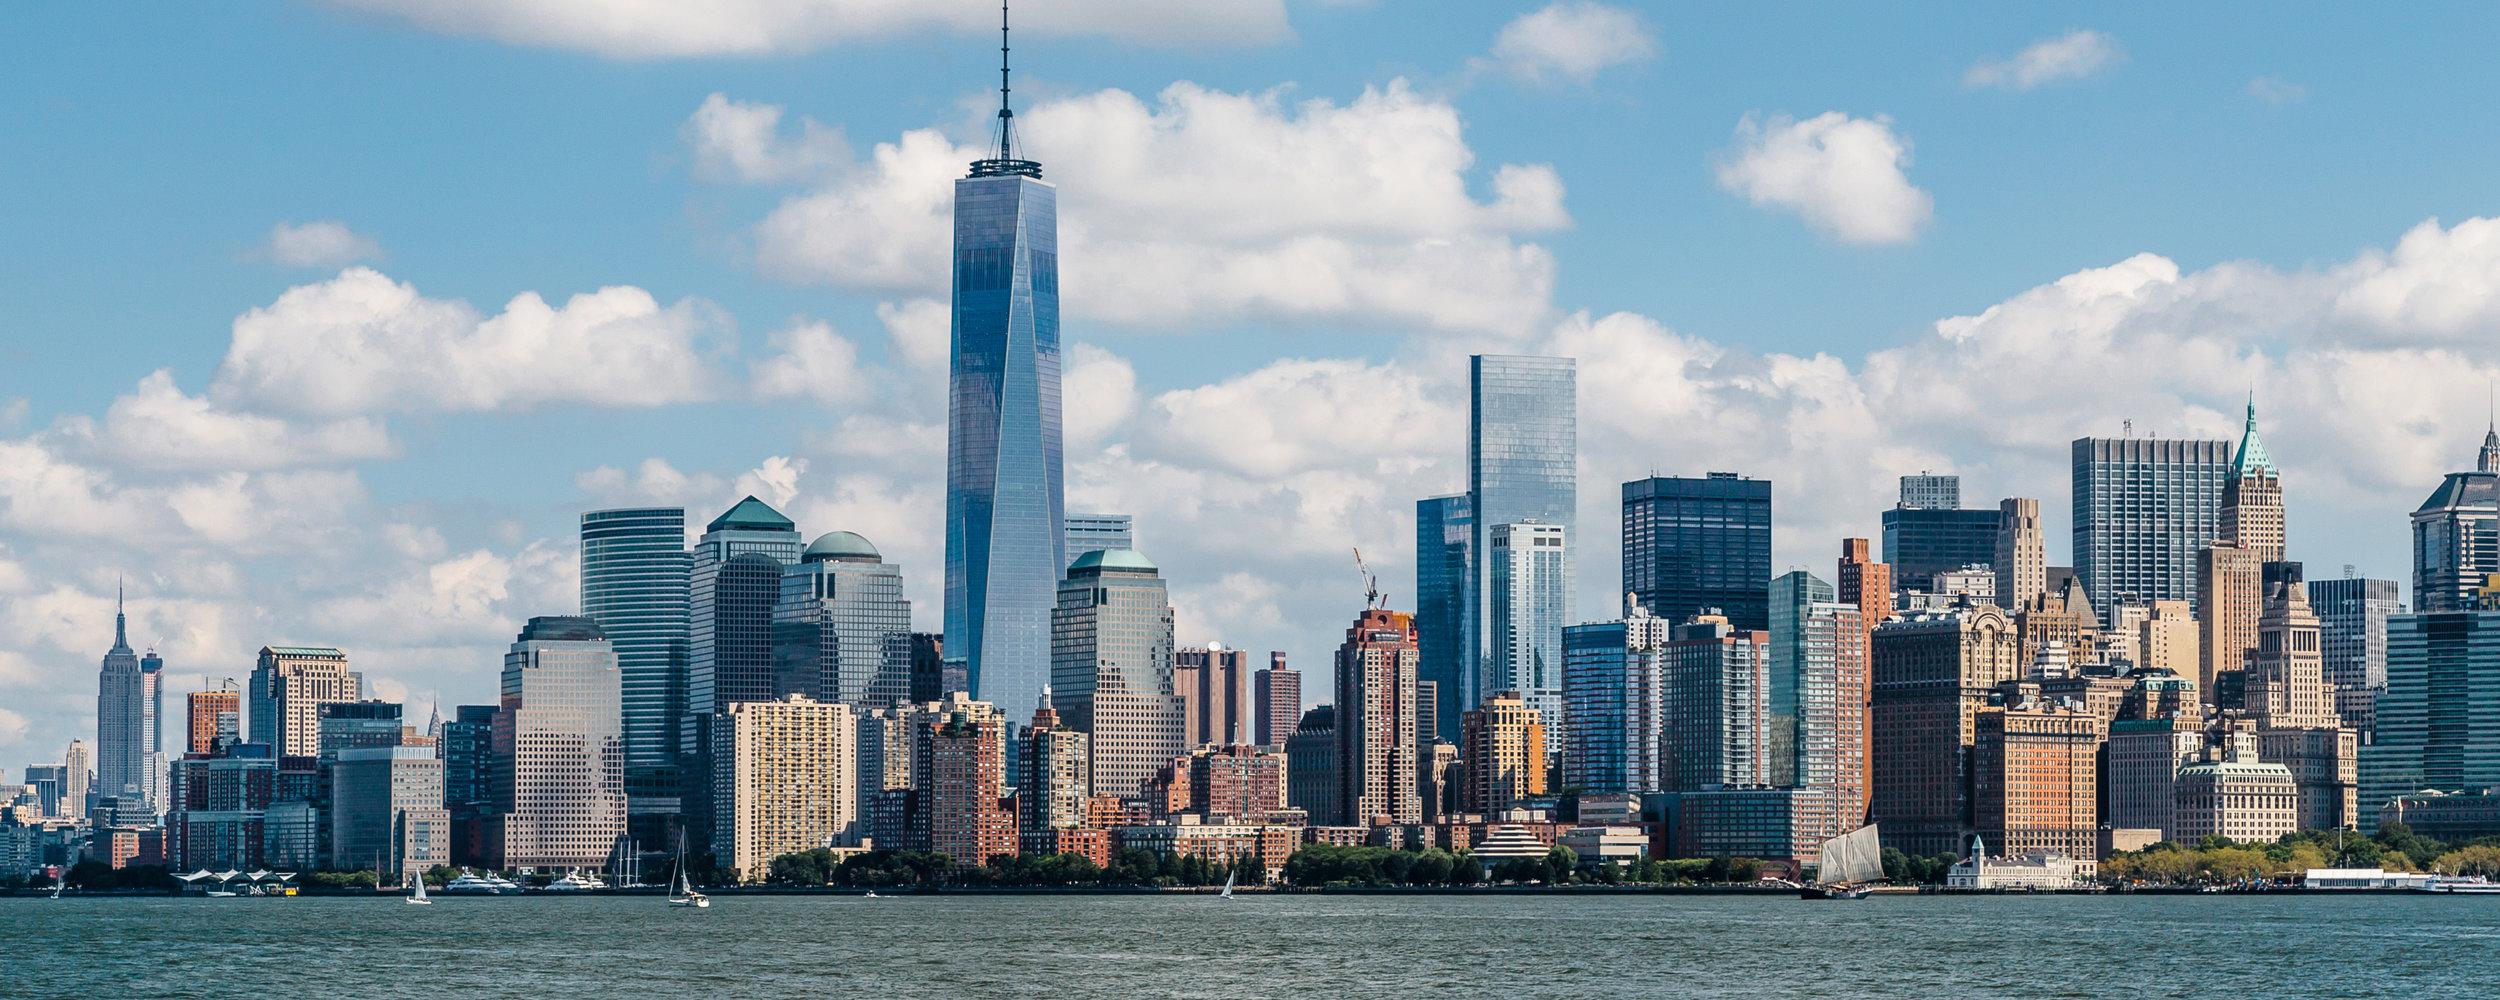 862958368_preview_NYC_Skyline_hero2.jpg